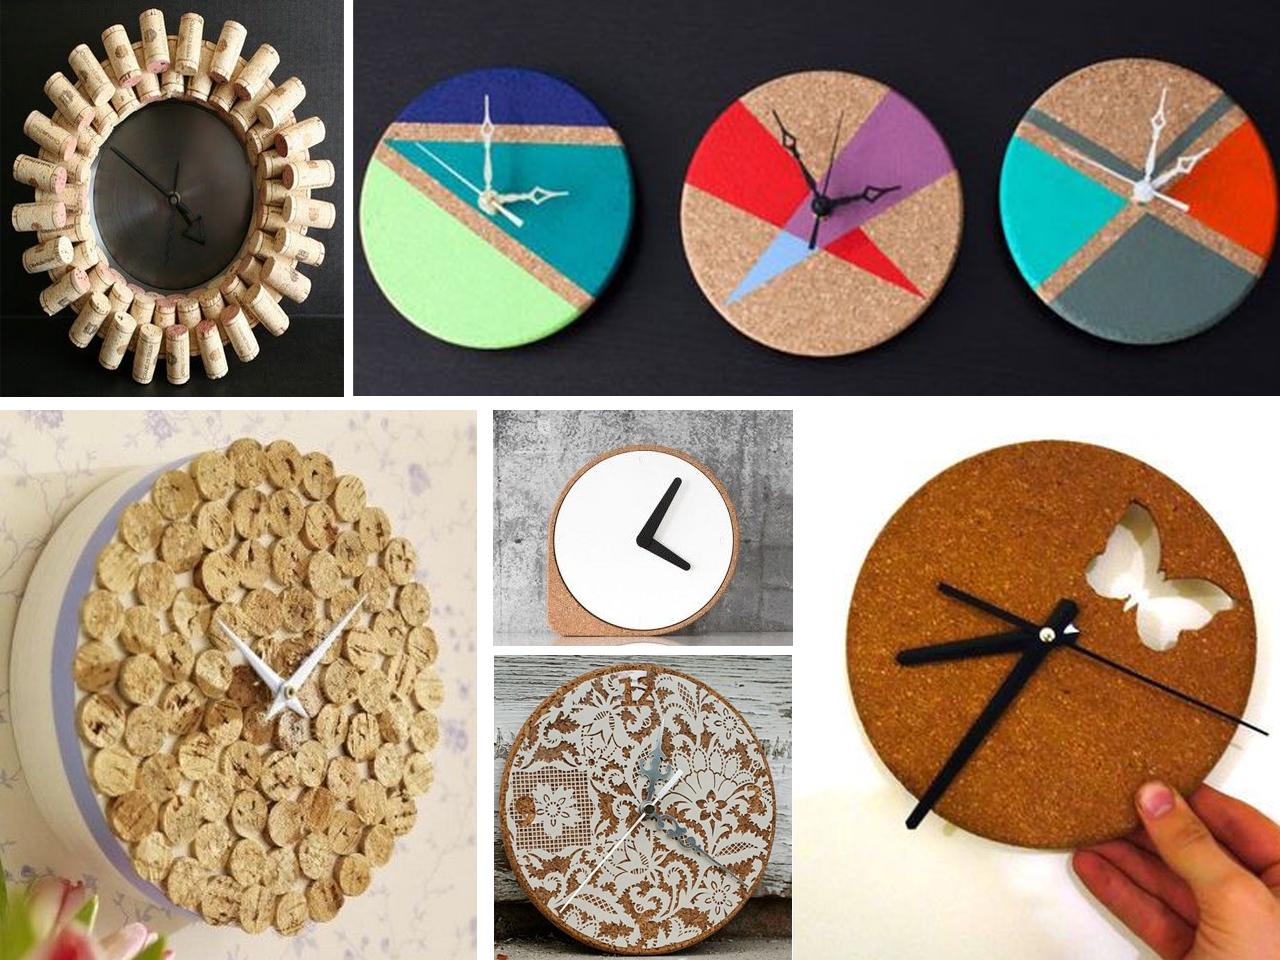 10 ideas de decoraci n con corchos que te sorprender n - Planchas de corcho ...